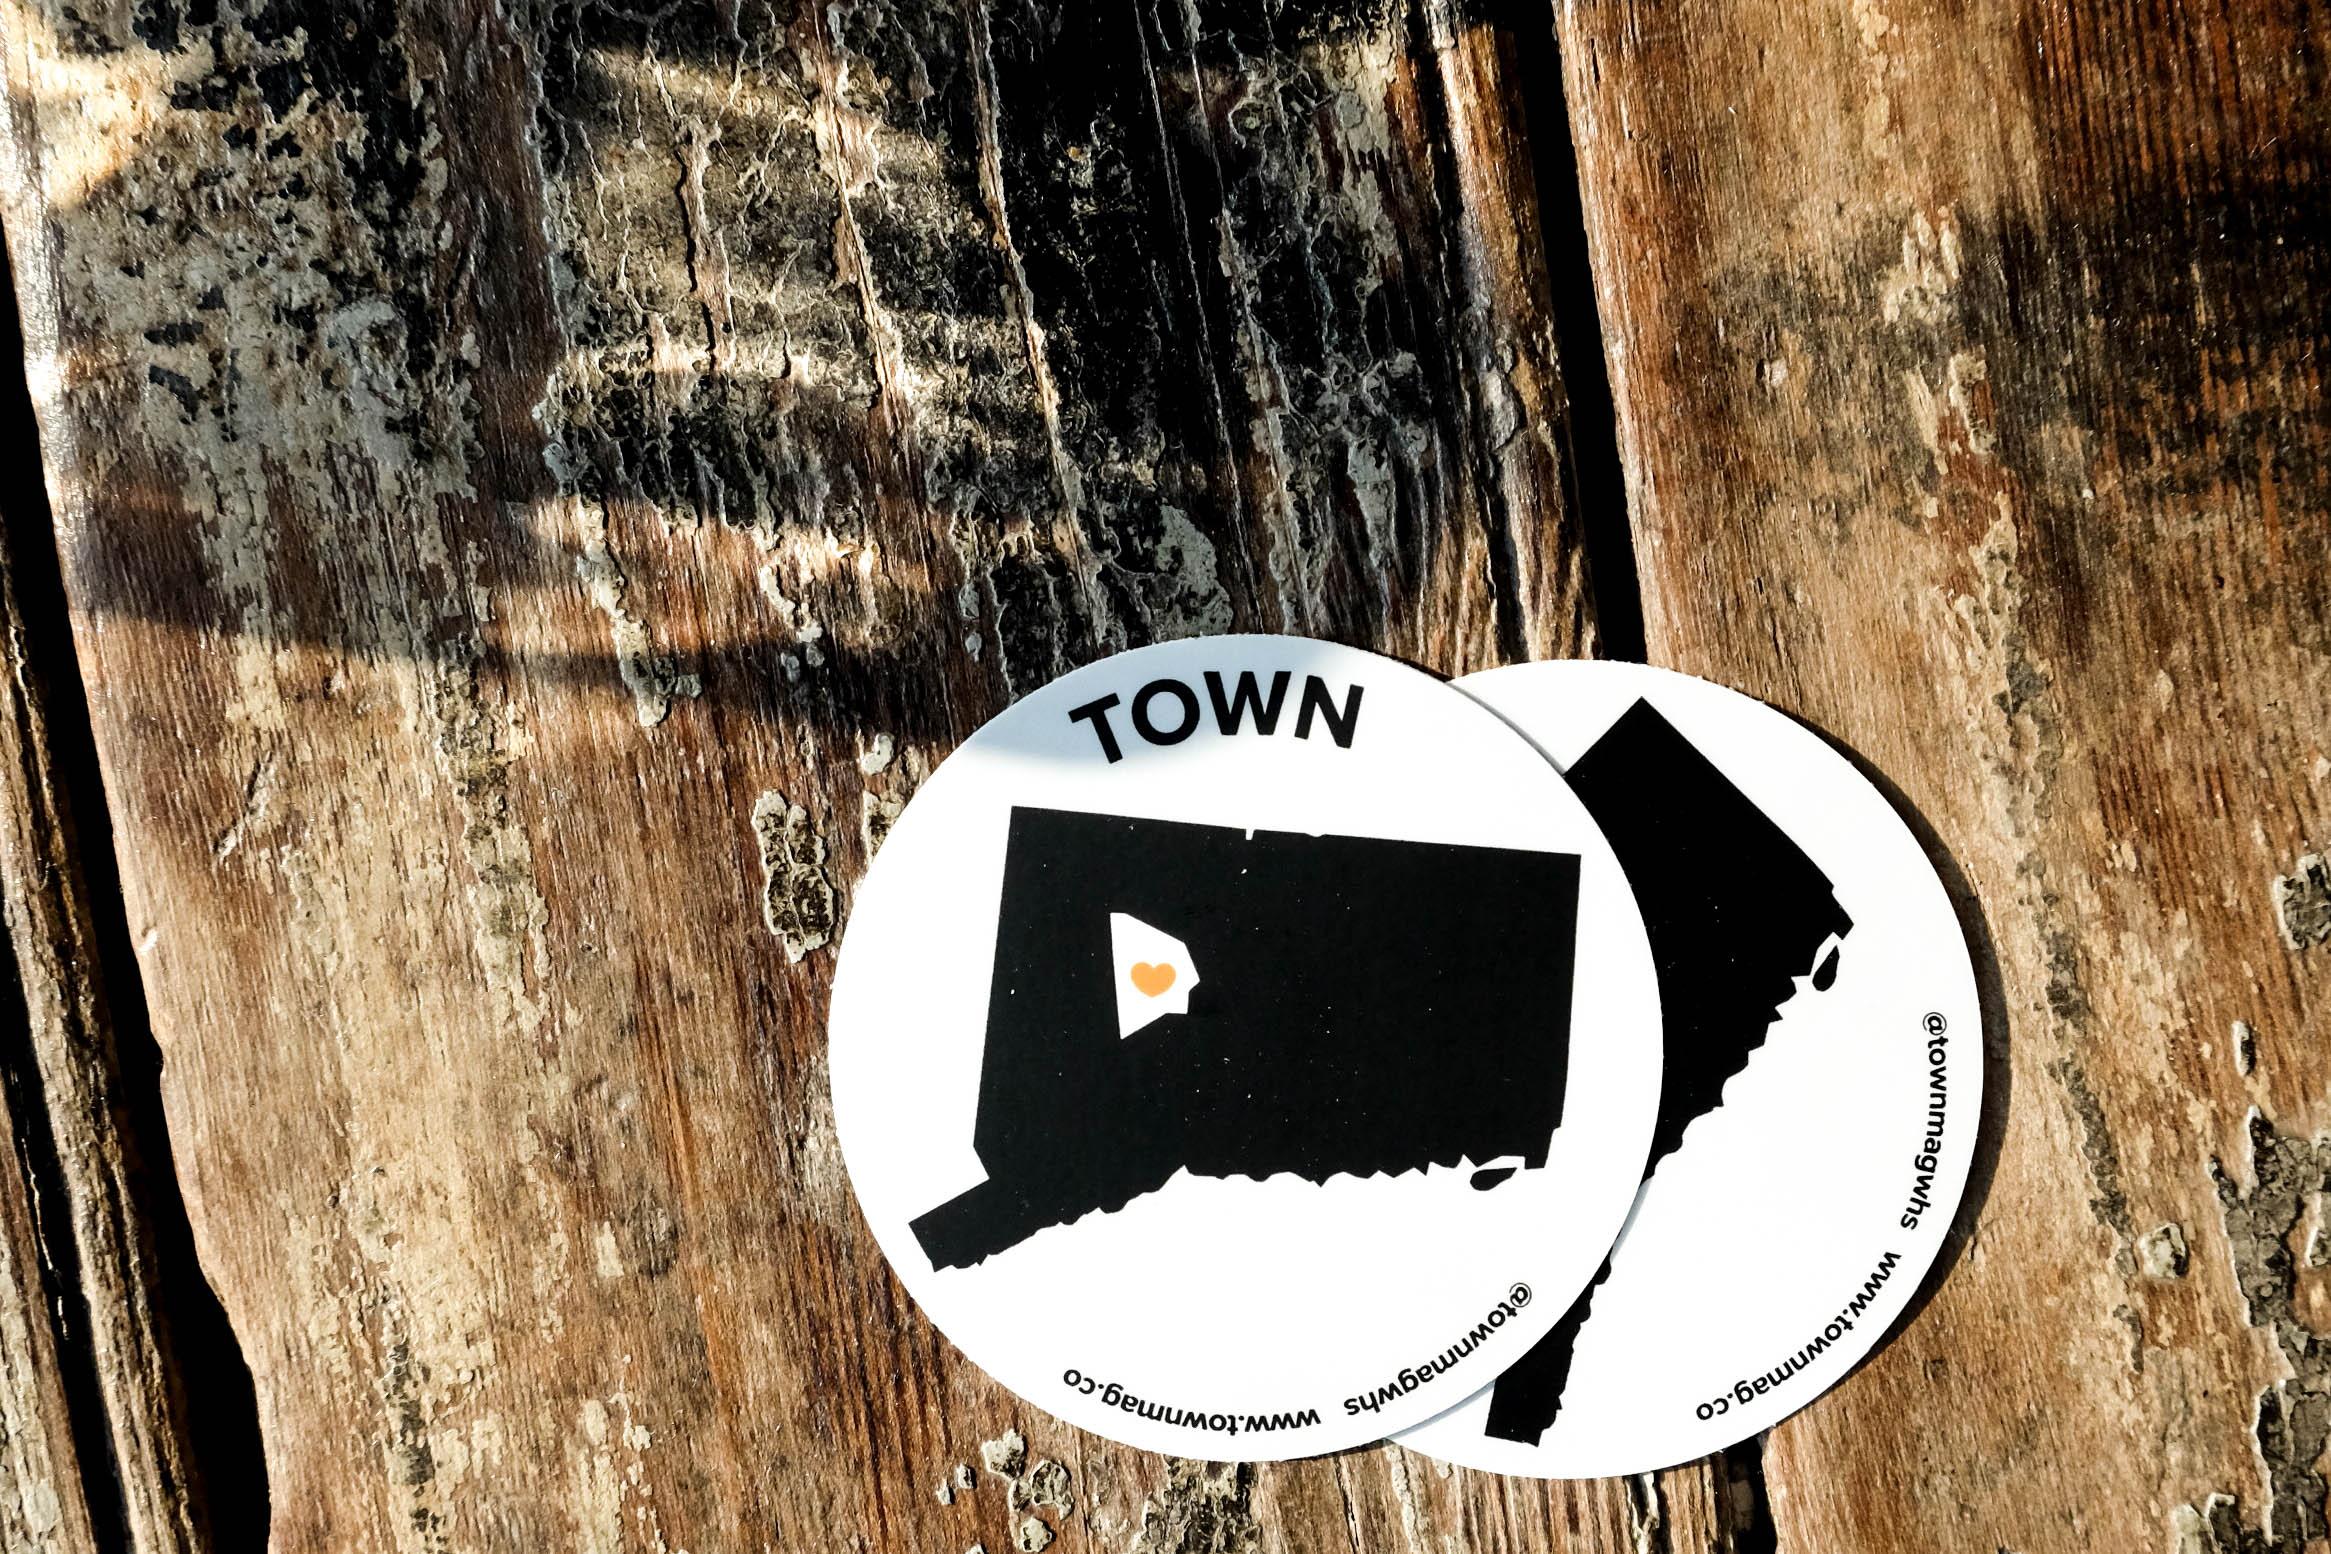 townpride.jpg